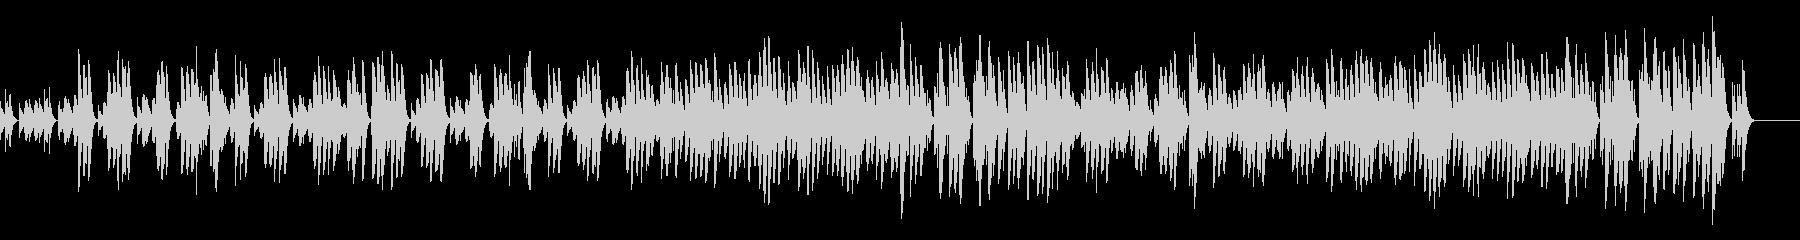 マリンバによるほのぼのとしたBGMの未再生の波形